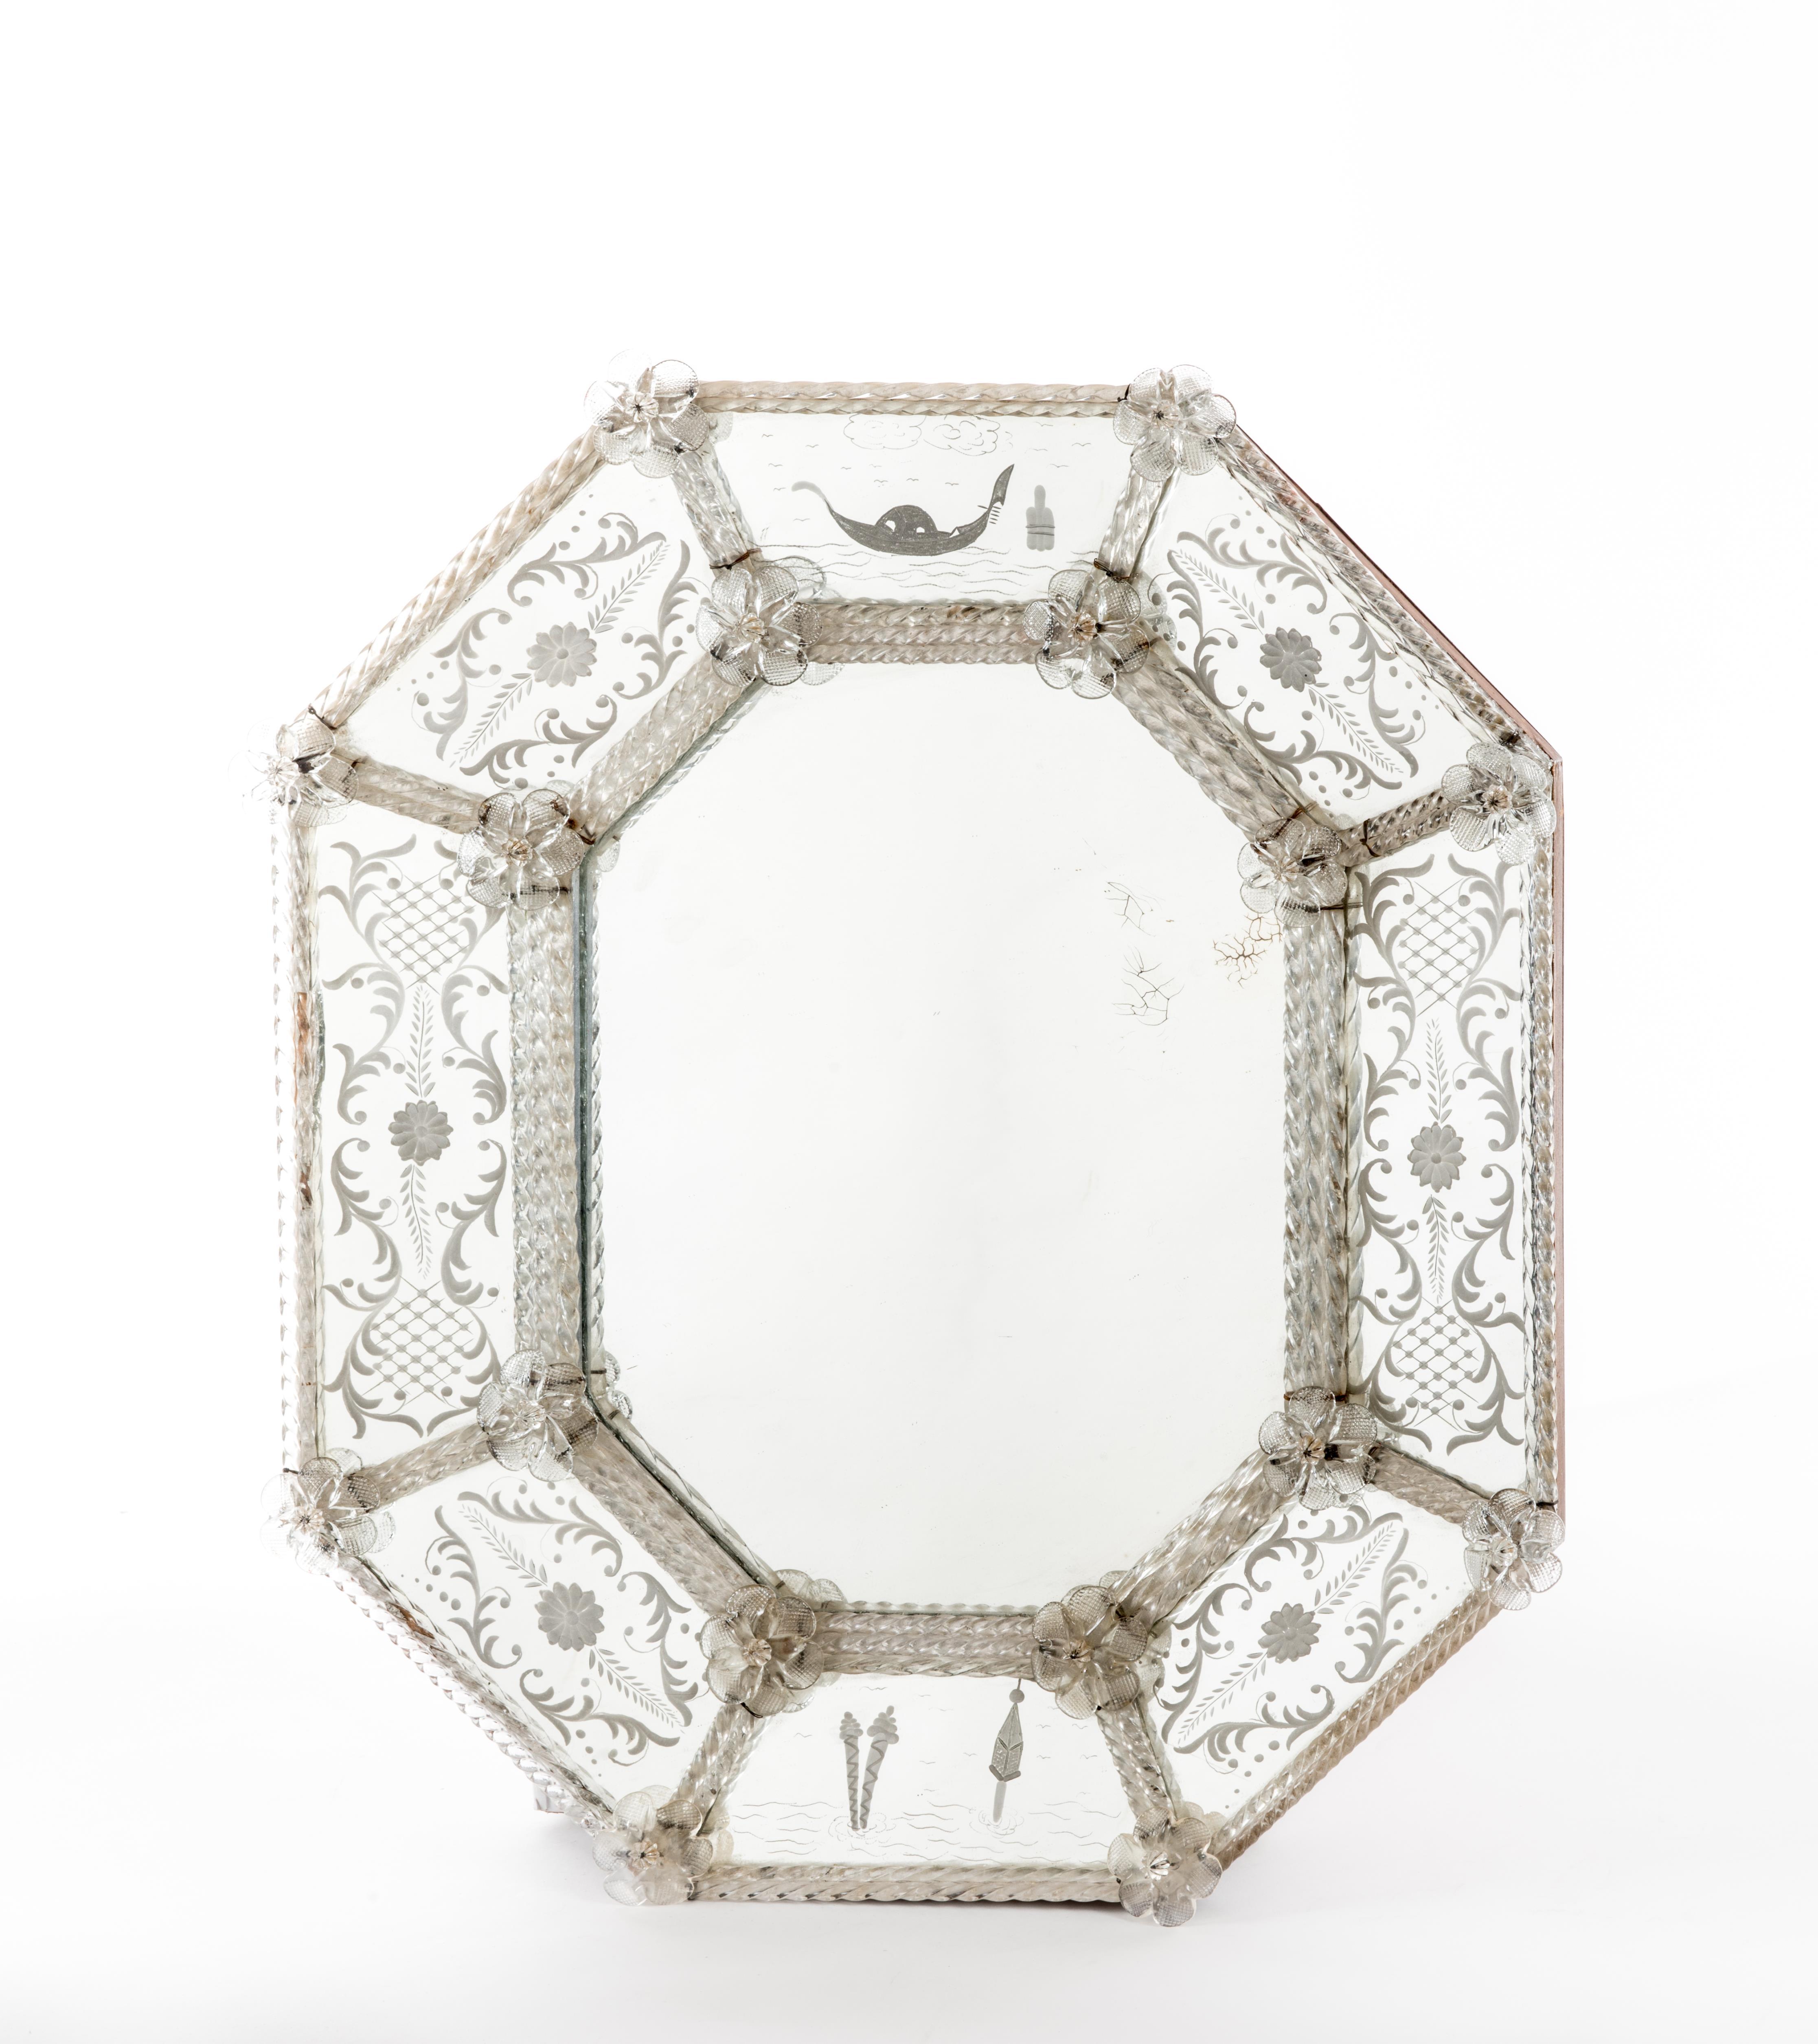 miroir en verre de Murano blanc, de forme octogonale